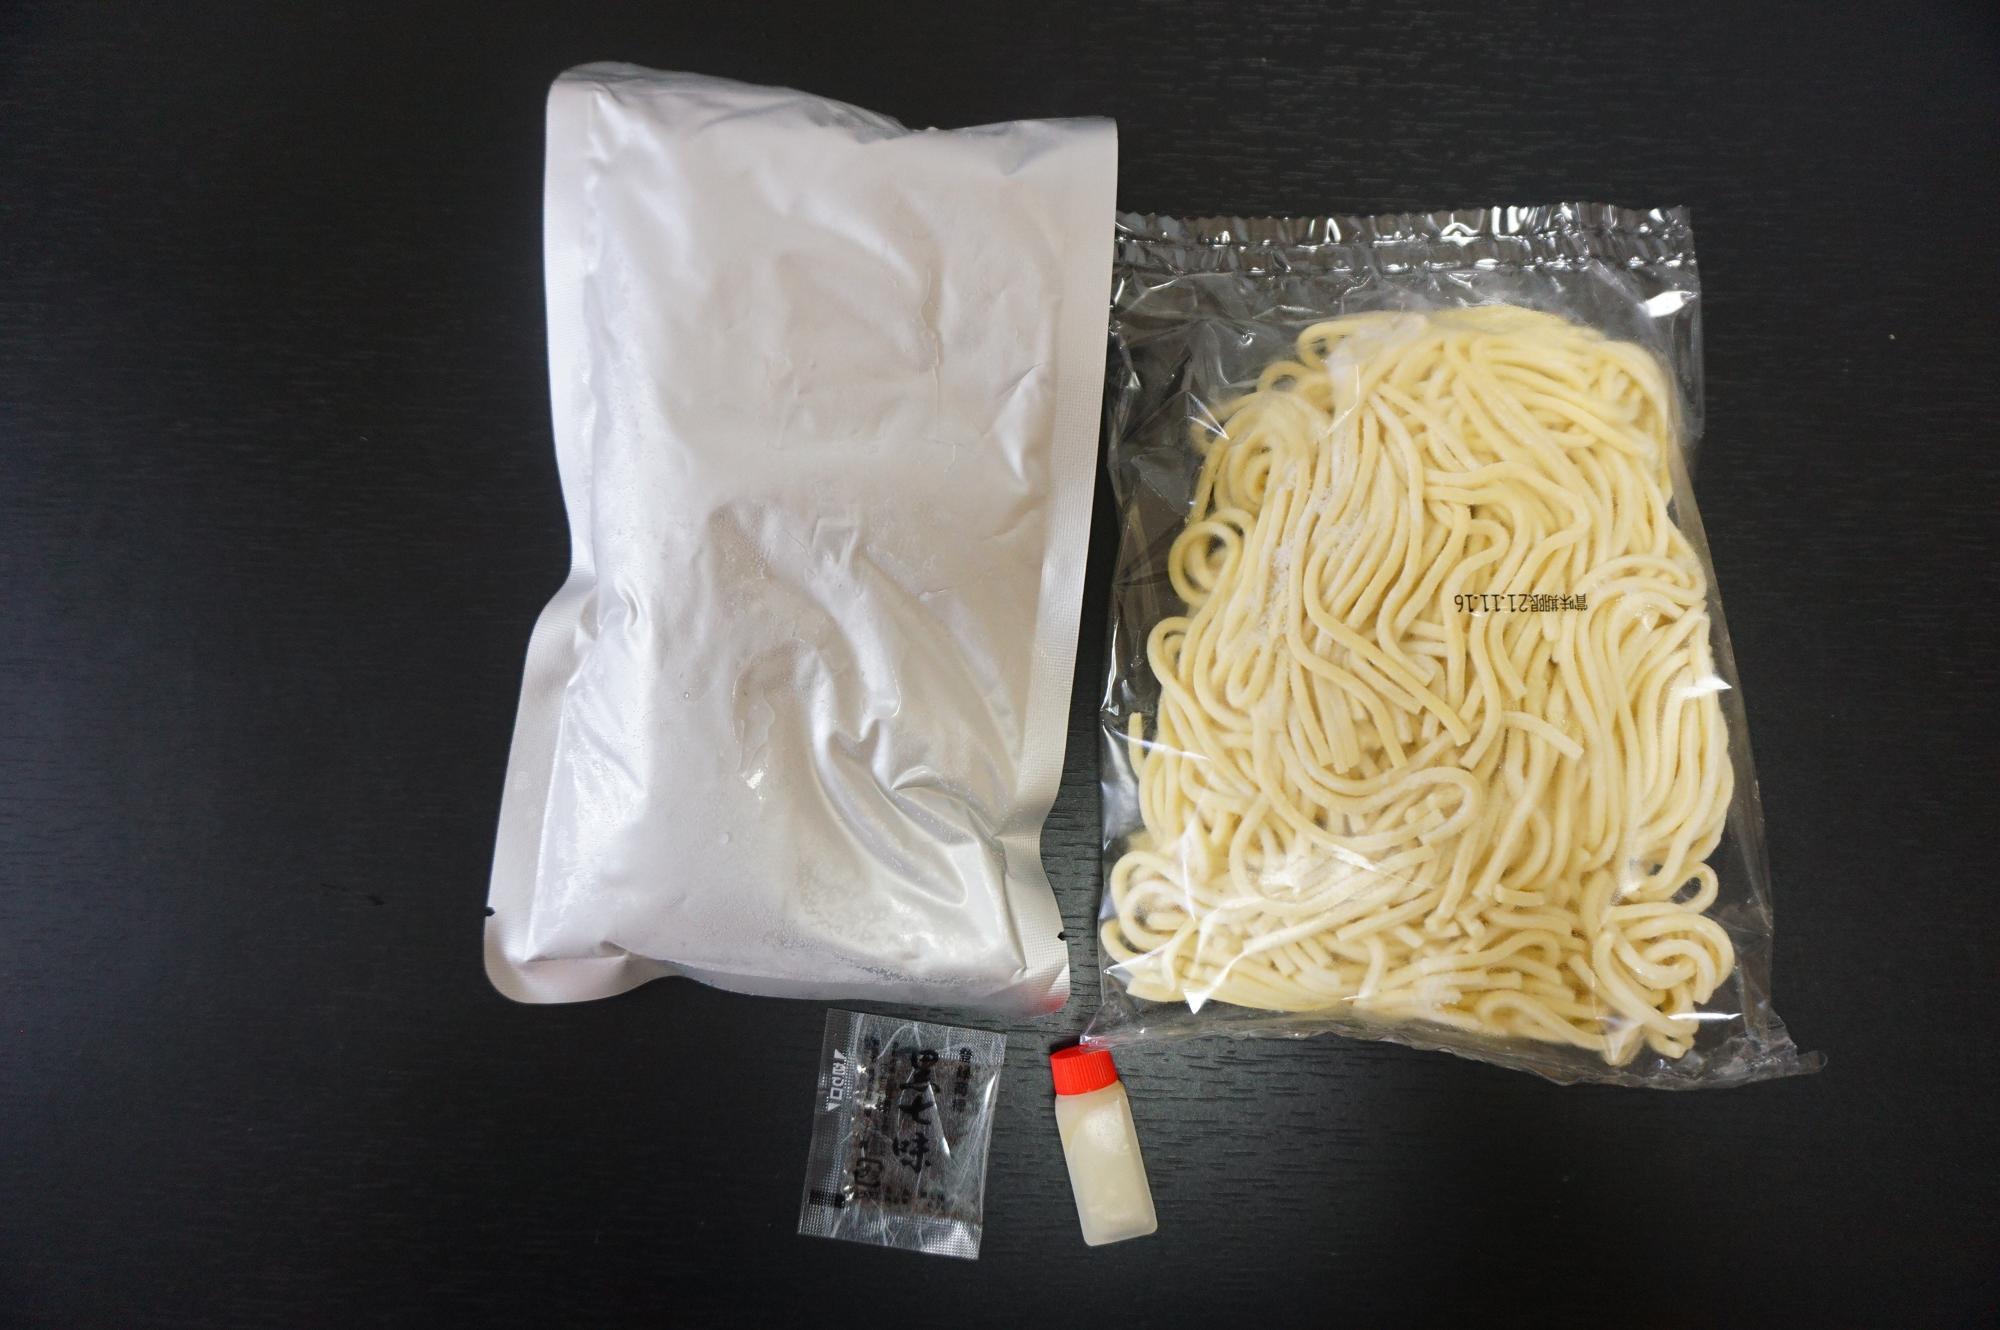 麺(右上)・具入りスープ(左上)・すだち果汁(右下)・黒七味(左下)